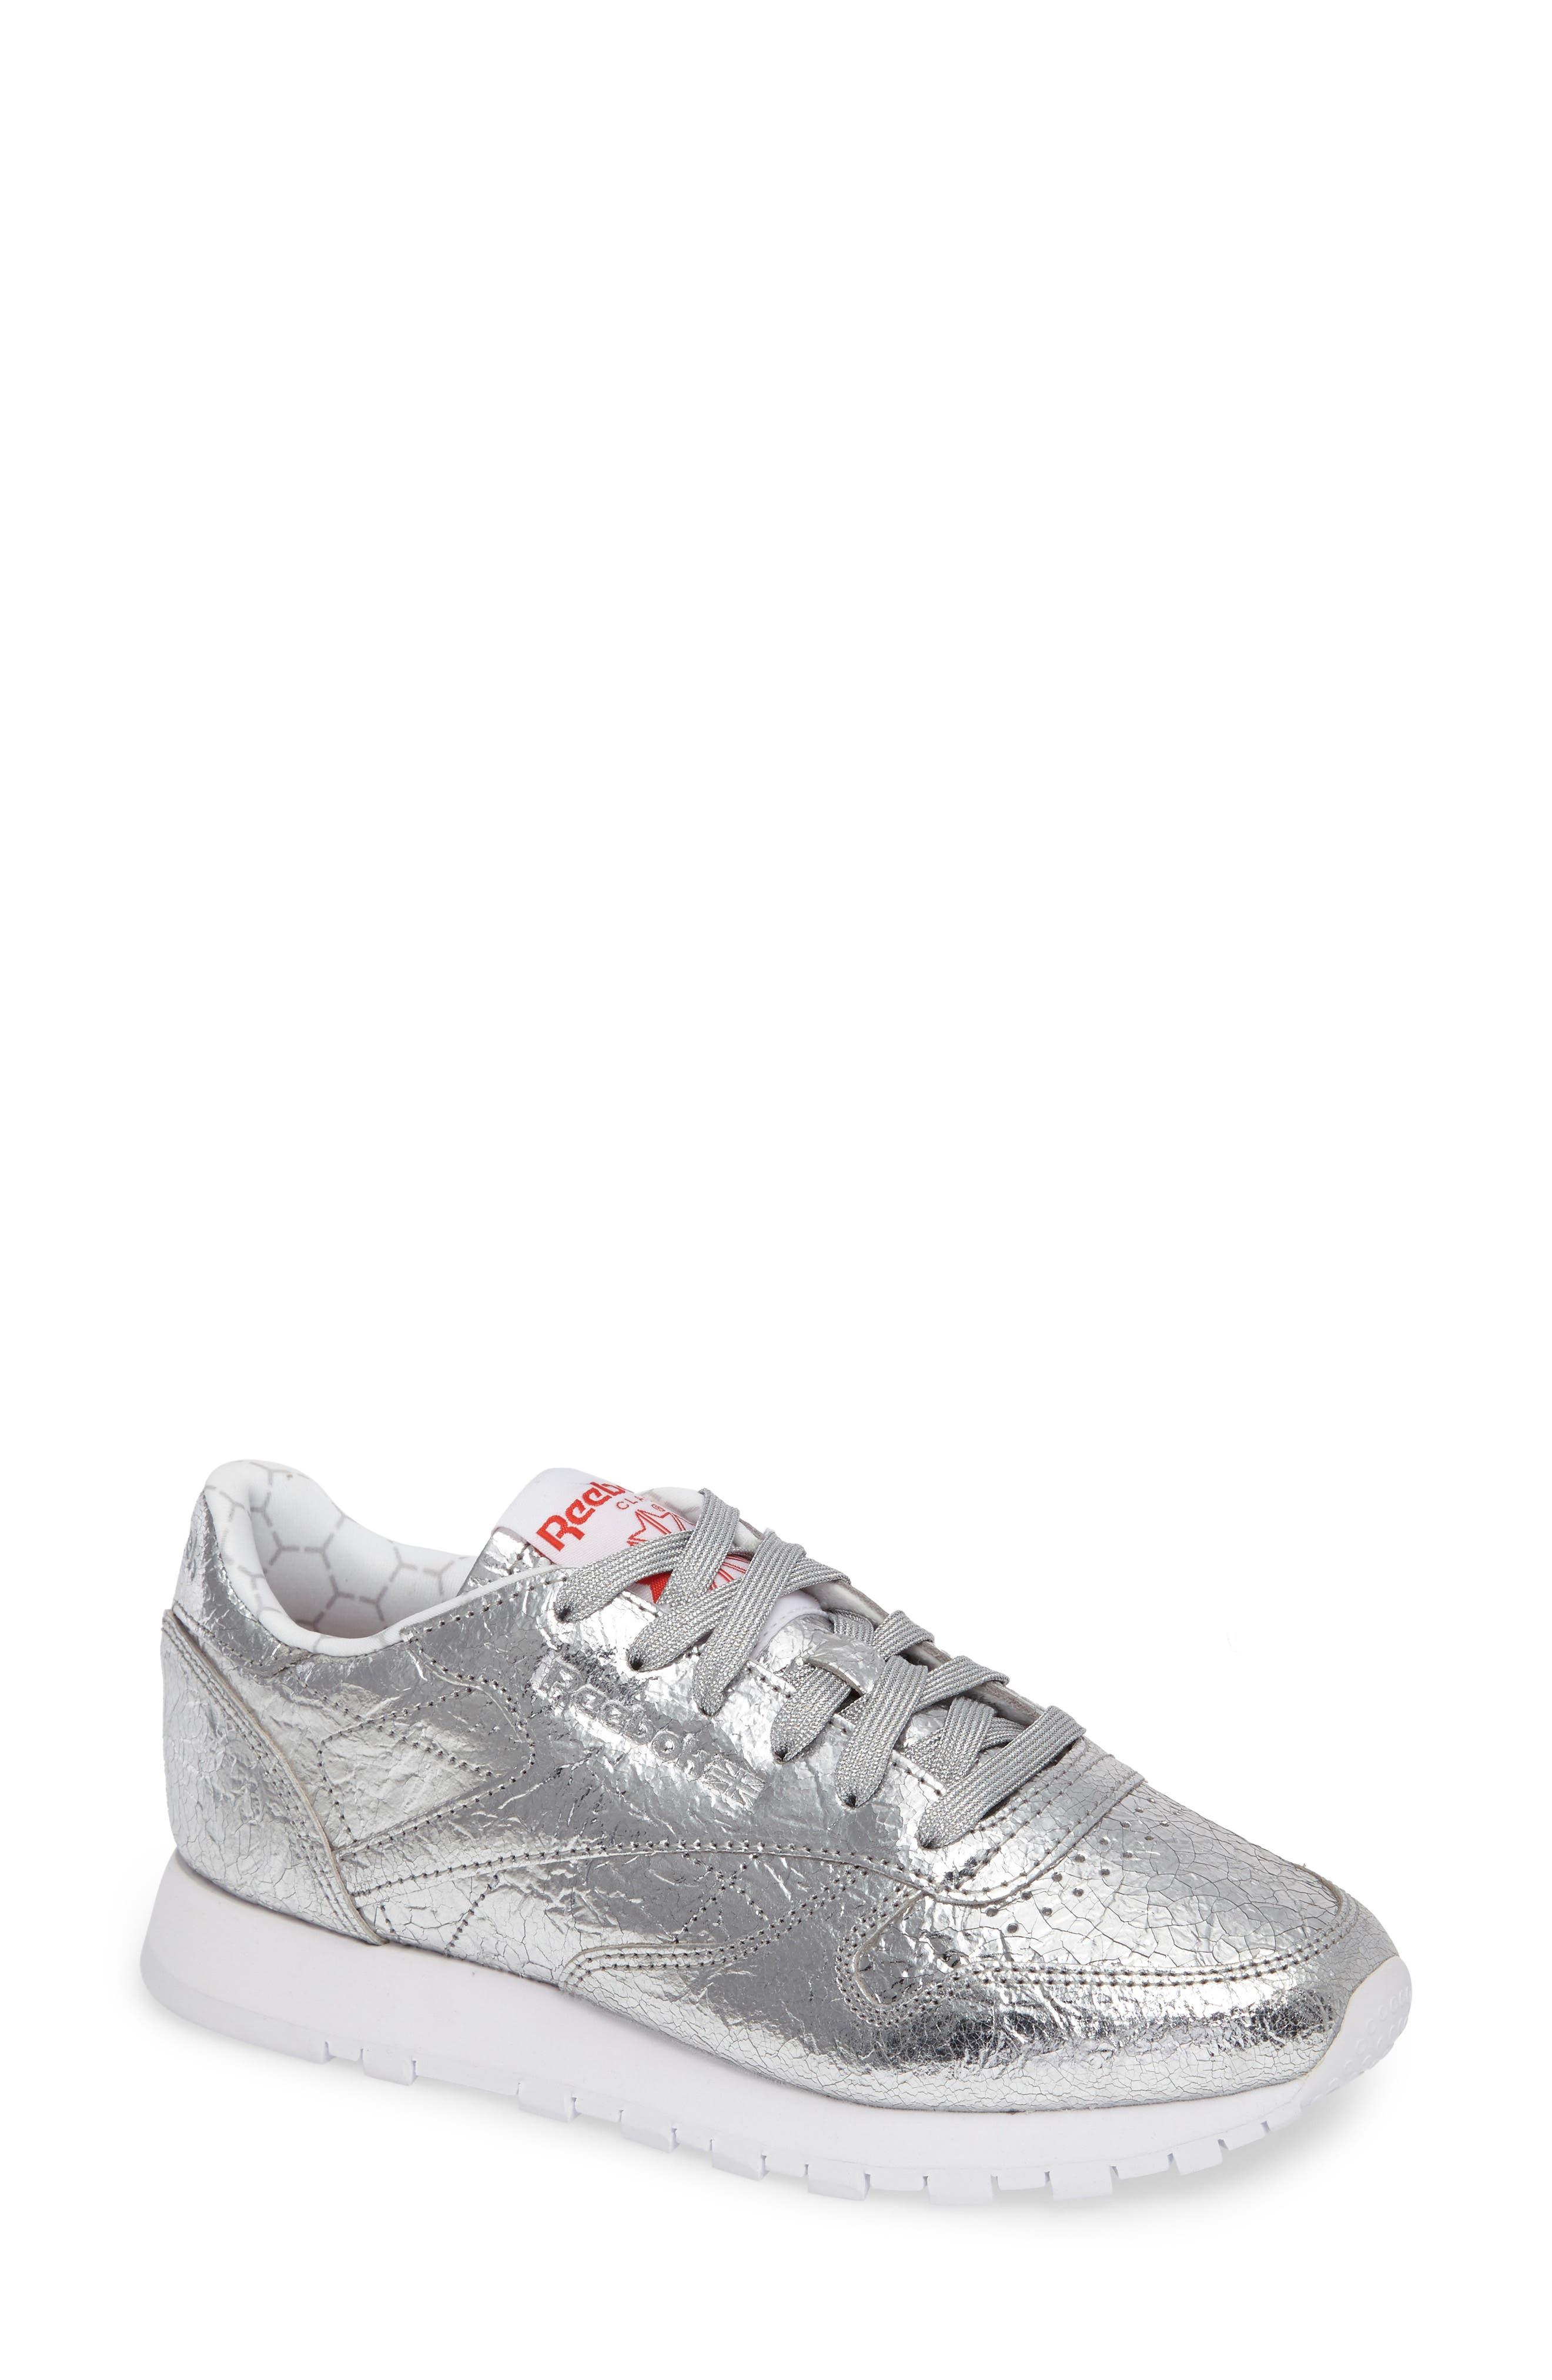 Reebok Classic Leather HD Foil Sneaker